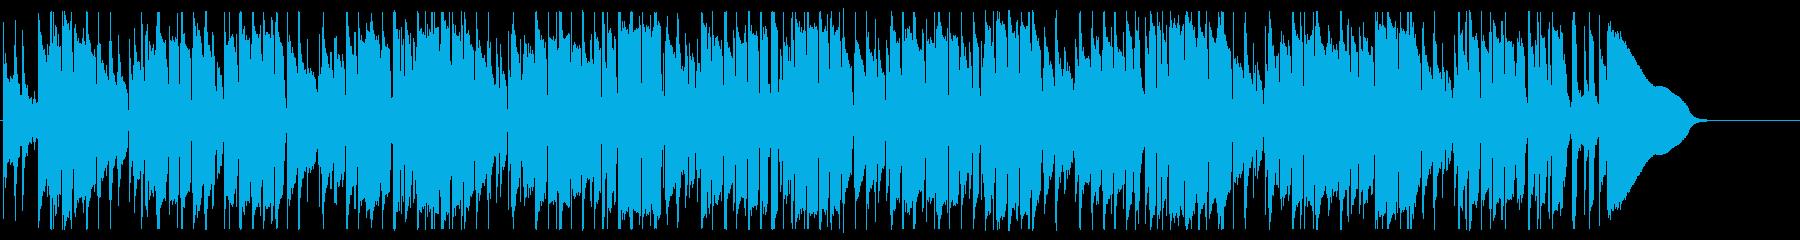 ドラムとベースのみ・スウィングジャズ風の再生済みの波形